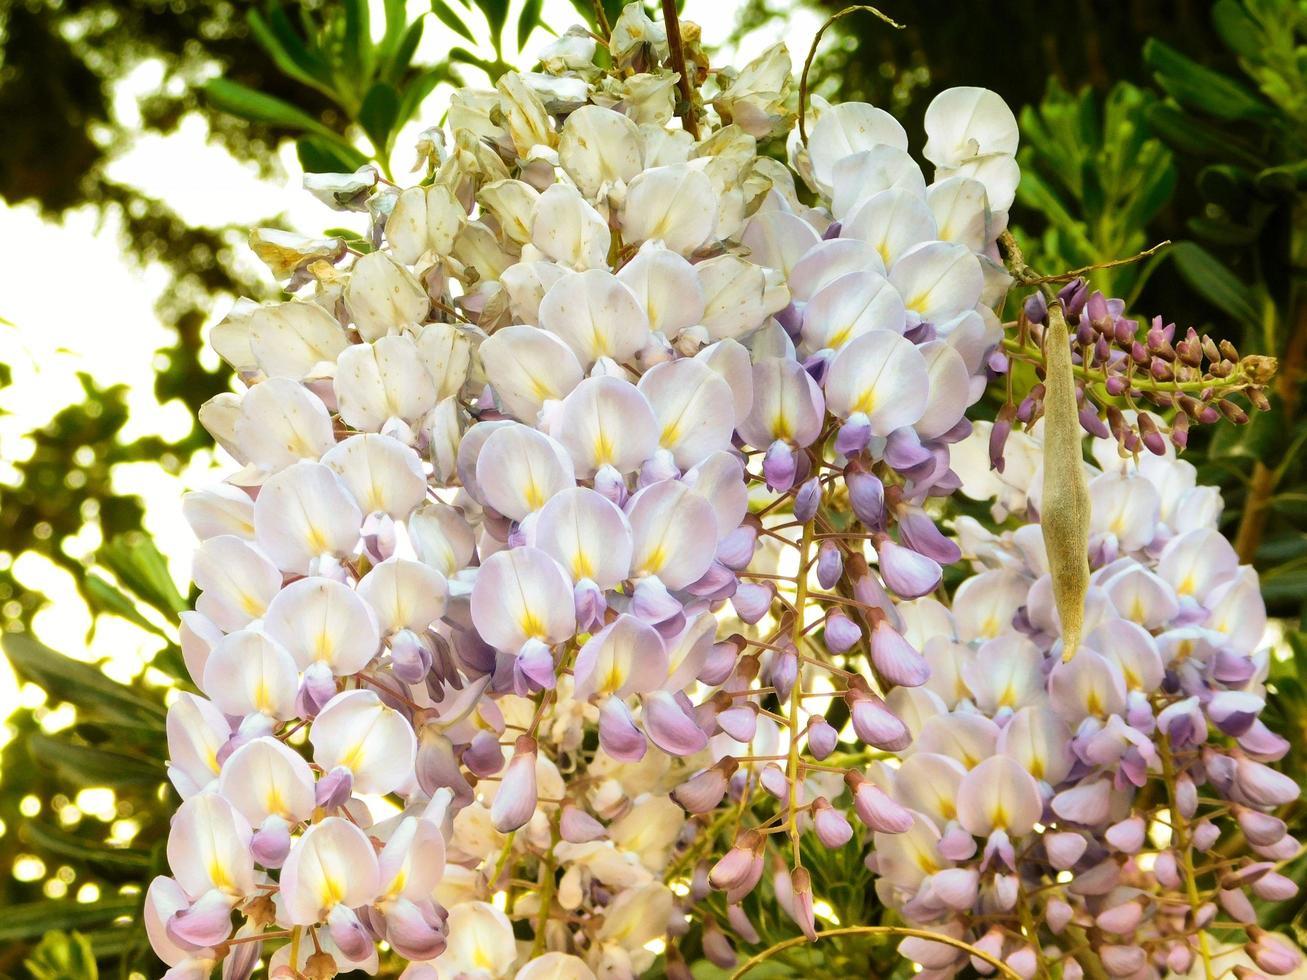 Blumen im Freien im Garten foto